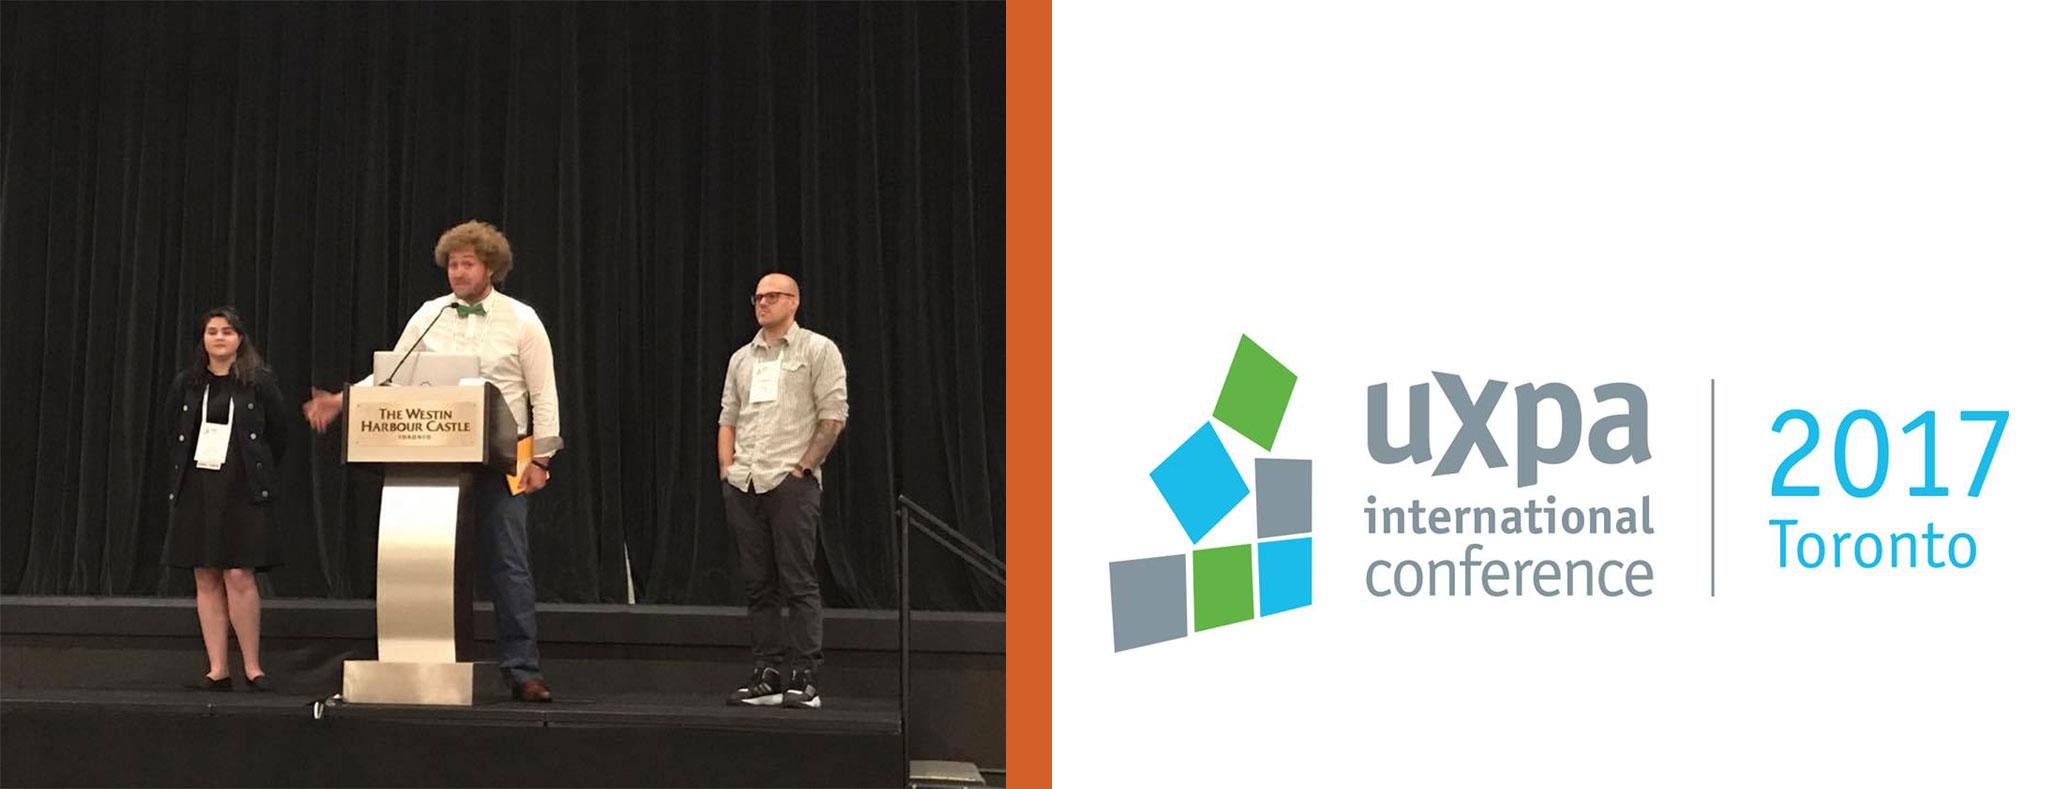 UXPA 2017